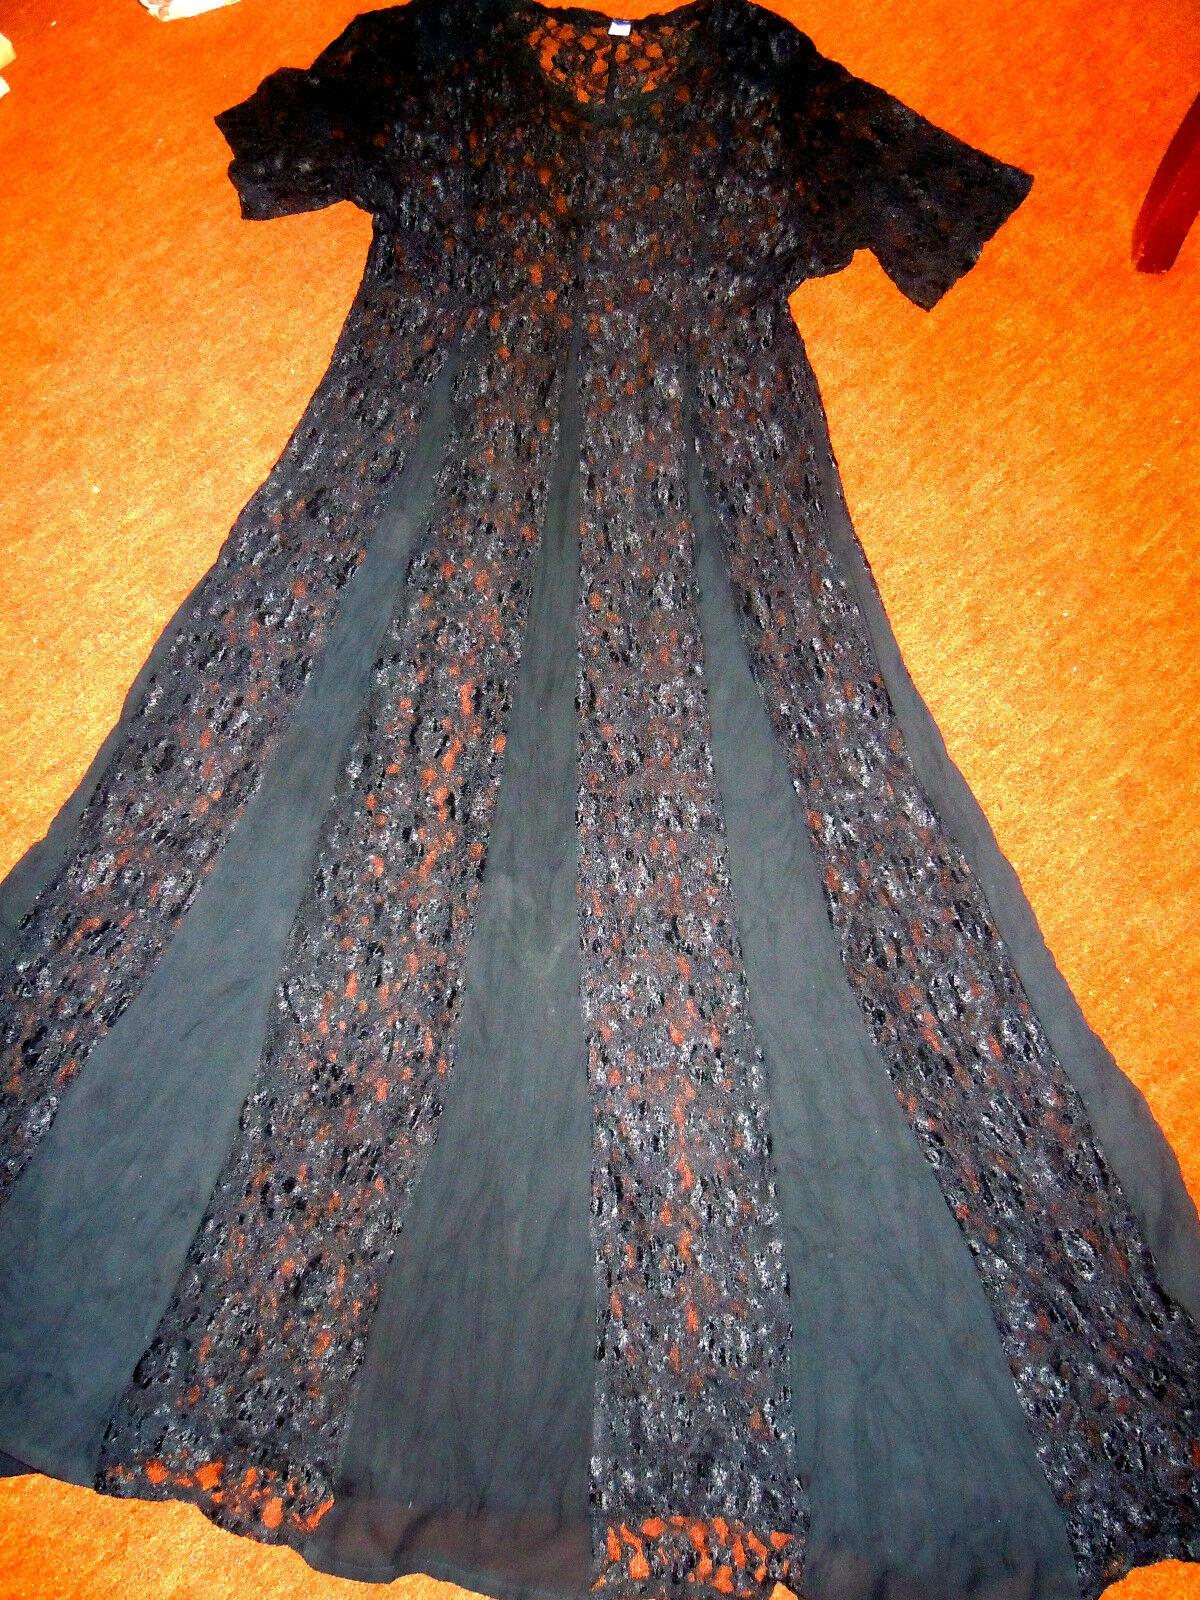 Traumhaft schönes Spitzenkleid - verführerisch in Schwarz - TOP Design Größe 176